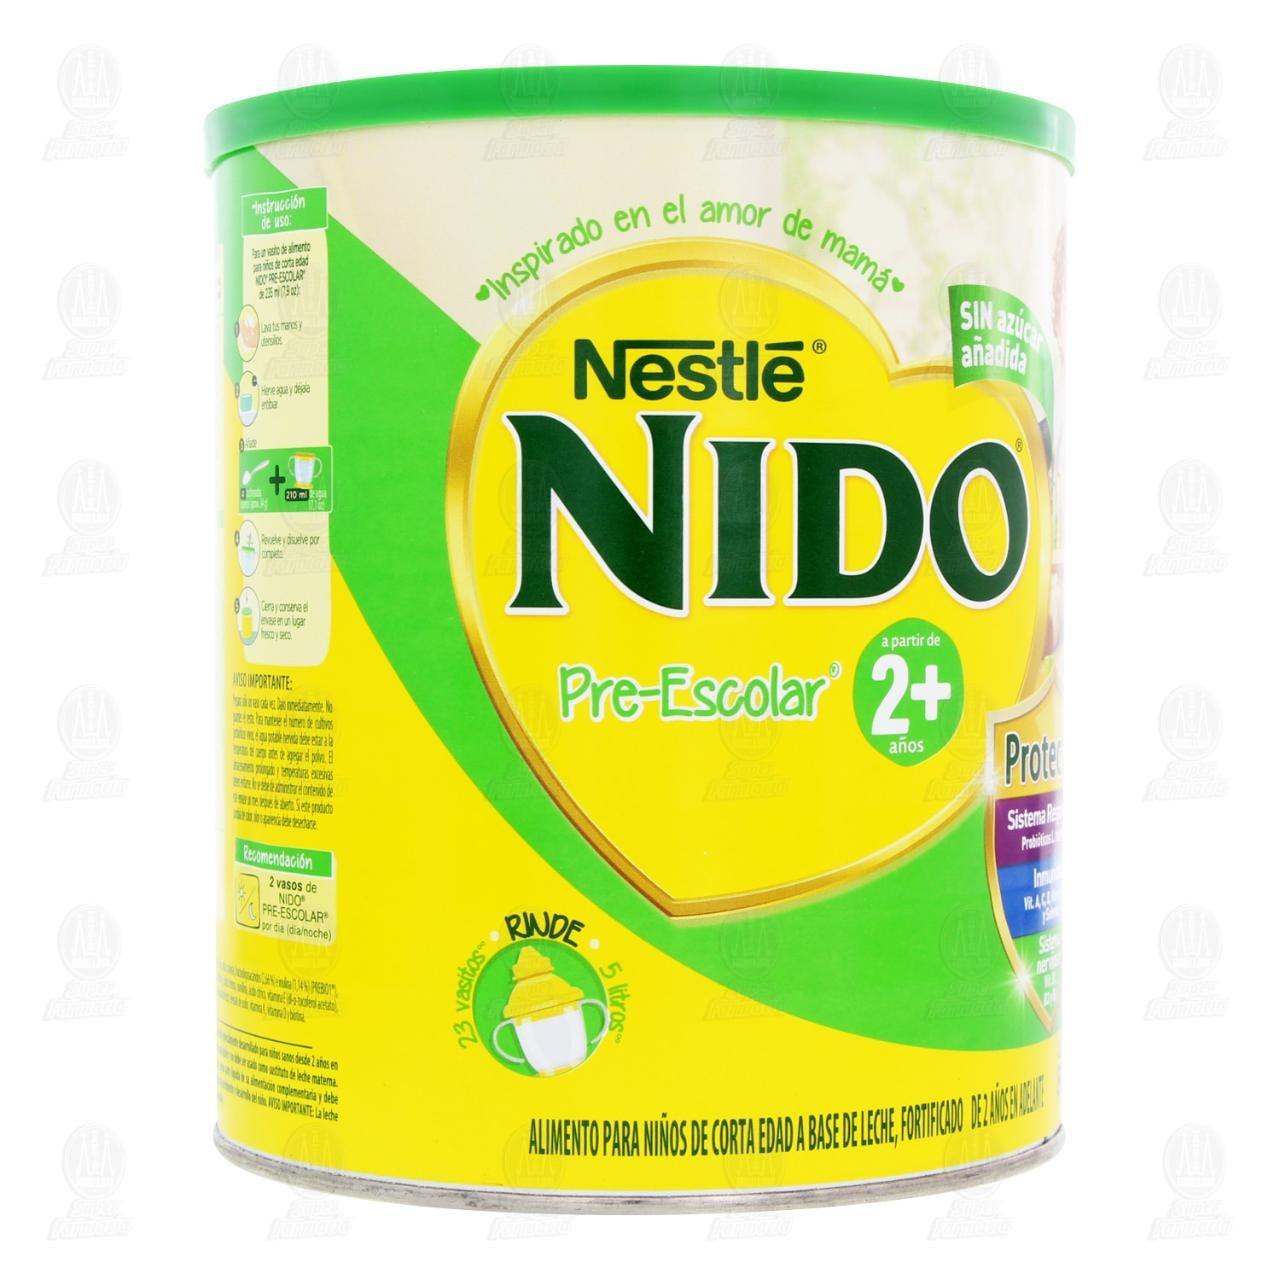 Comprar Nido Pre-Escolar 2+ Años, 800 gr. en Farmacias Guadalajara